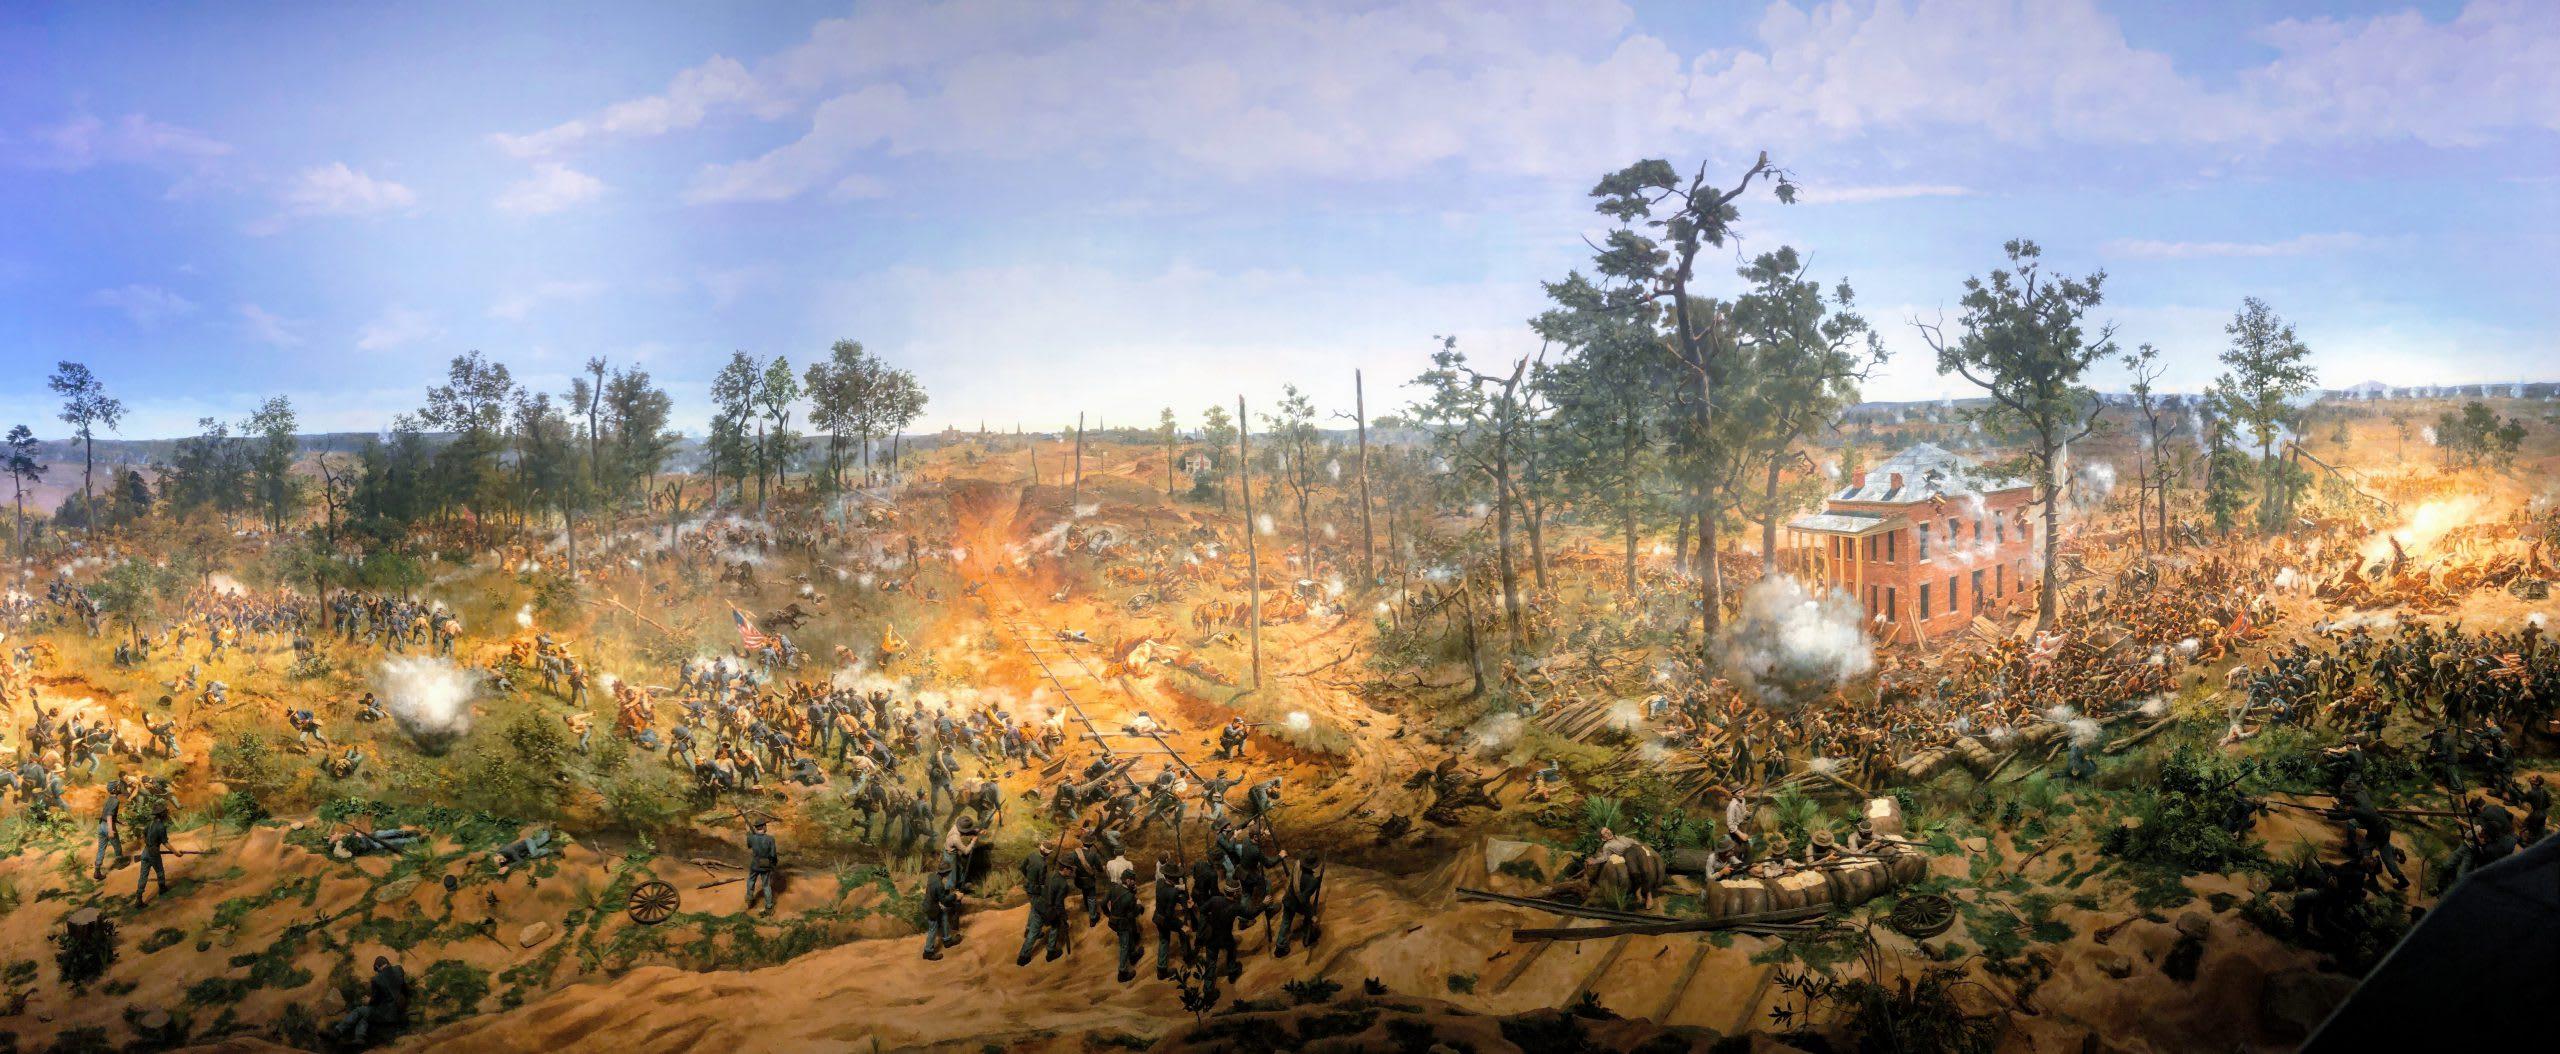 Cyclorama Battle of Atlanta Painting at Atlanta History Center